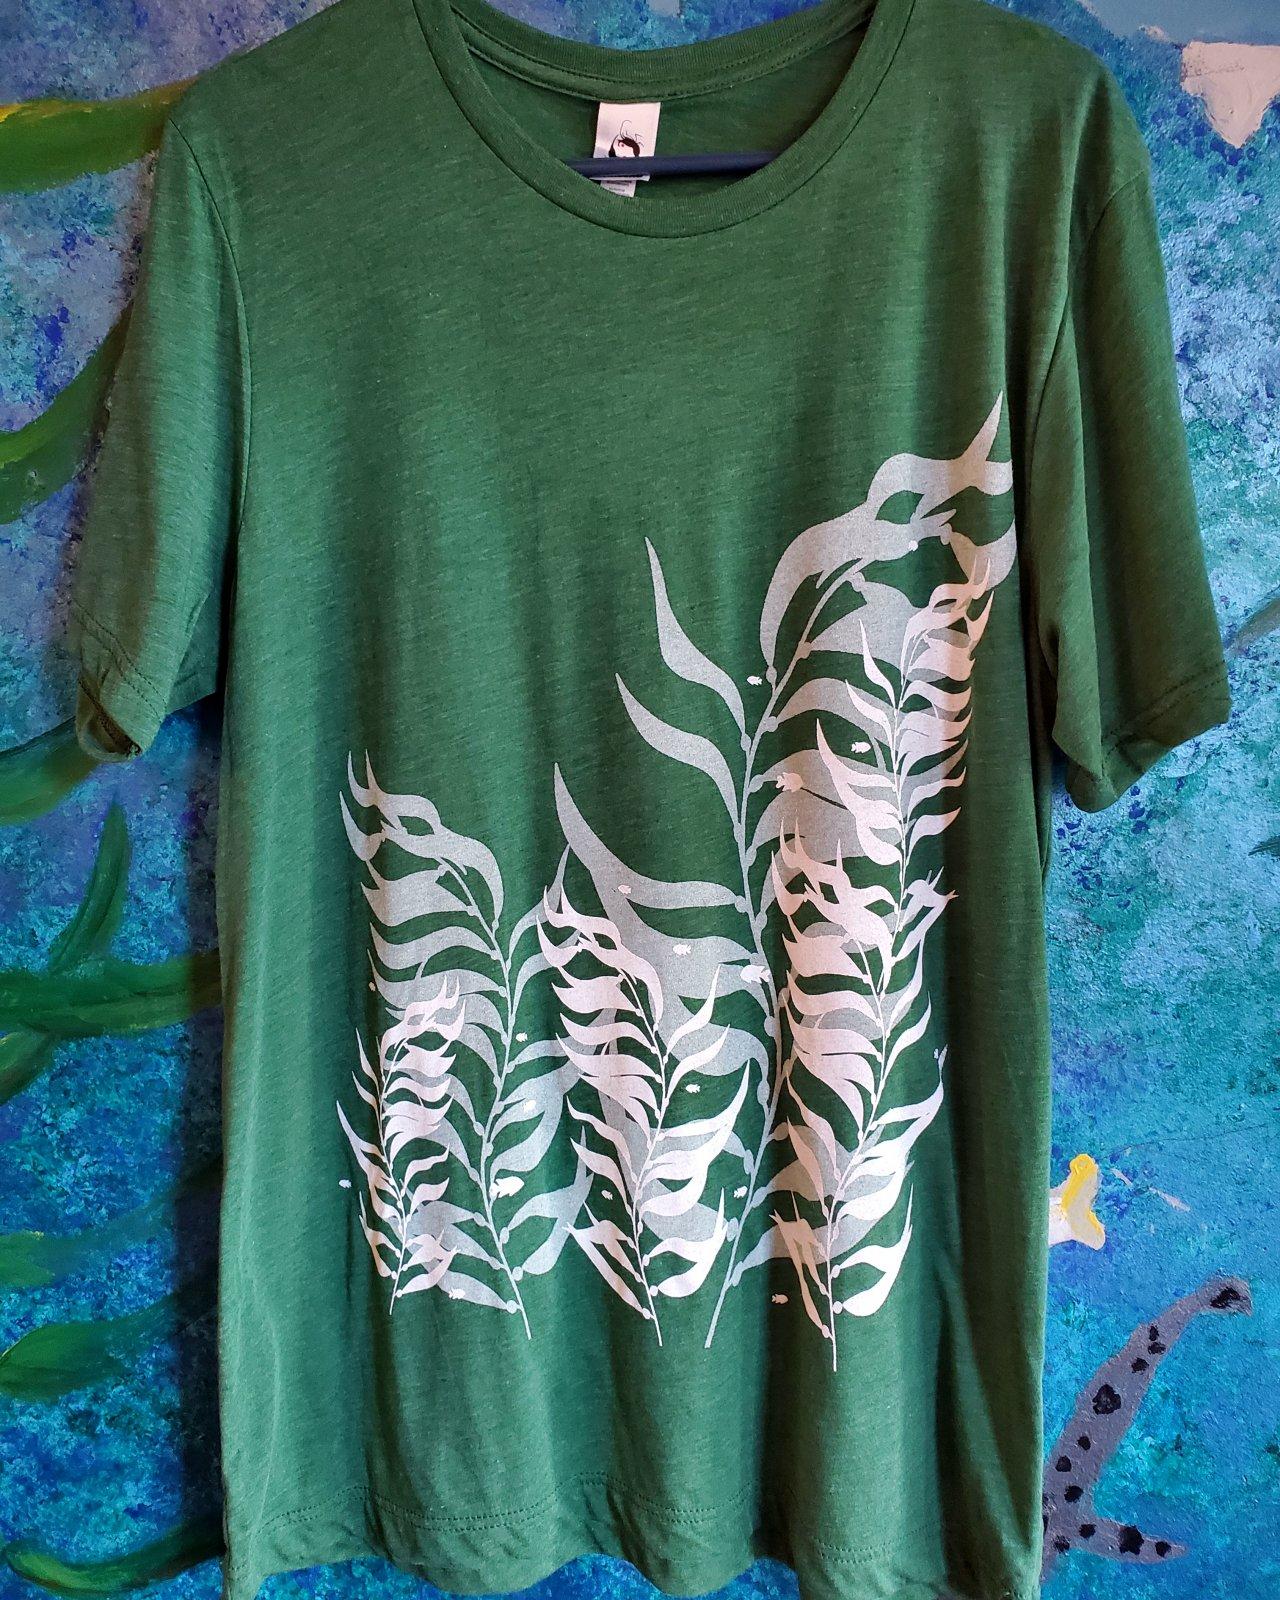 ASU Prawno Kelp Shirt Green